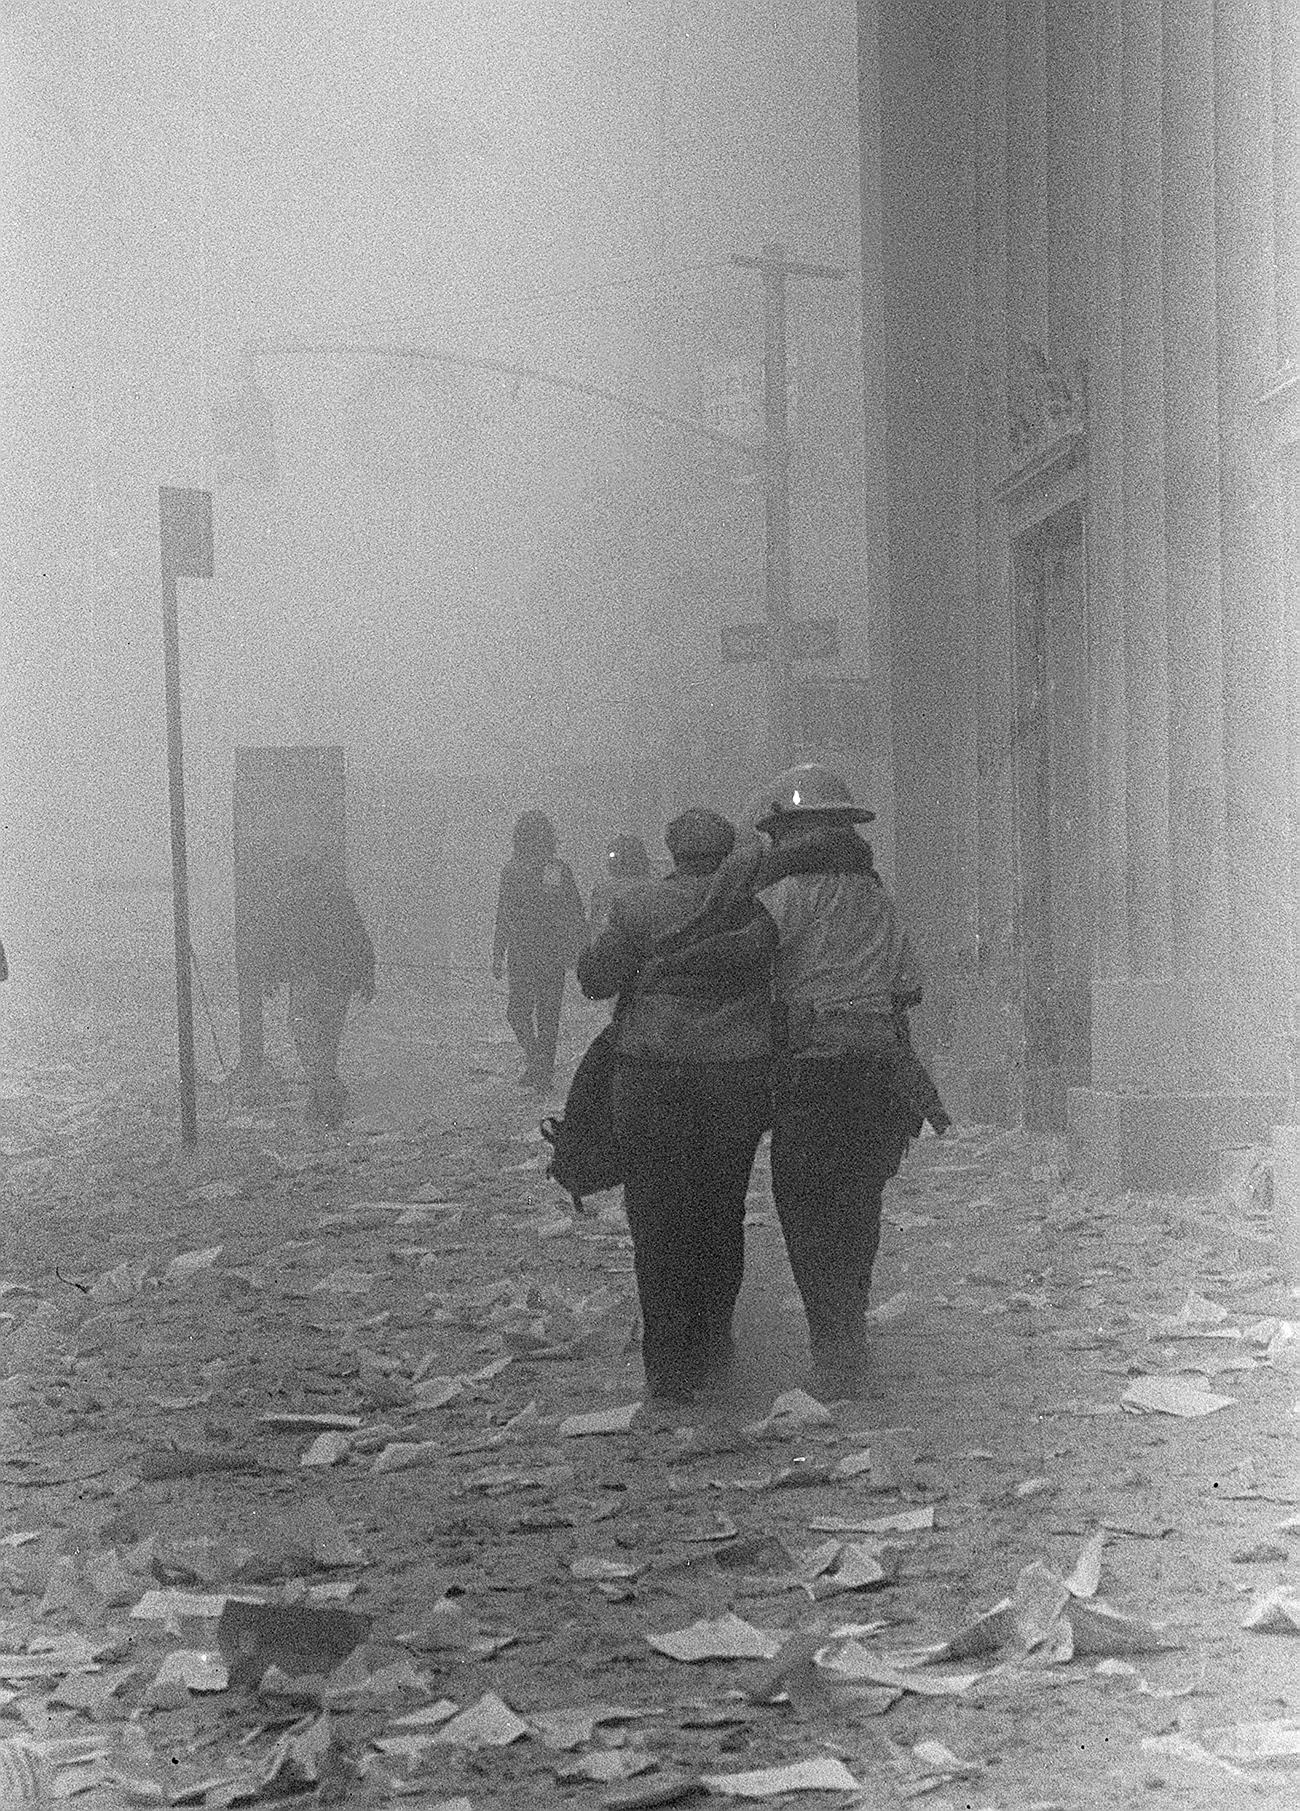 Le strade travolte dalla polvere dagli edifici crollati. Fonte:Gulnara Samojlova/AP